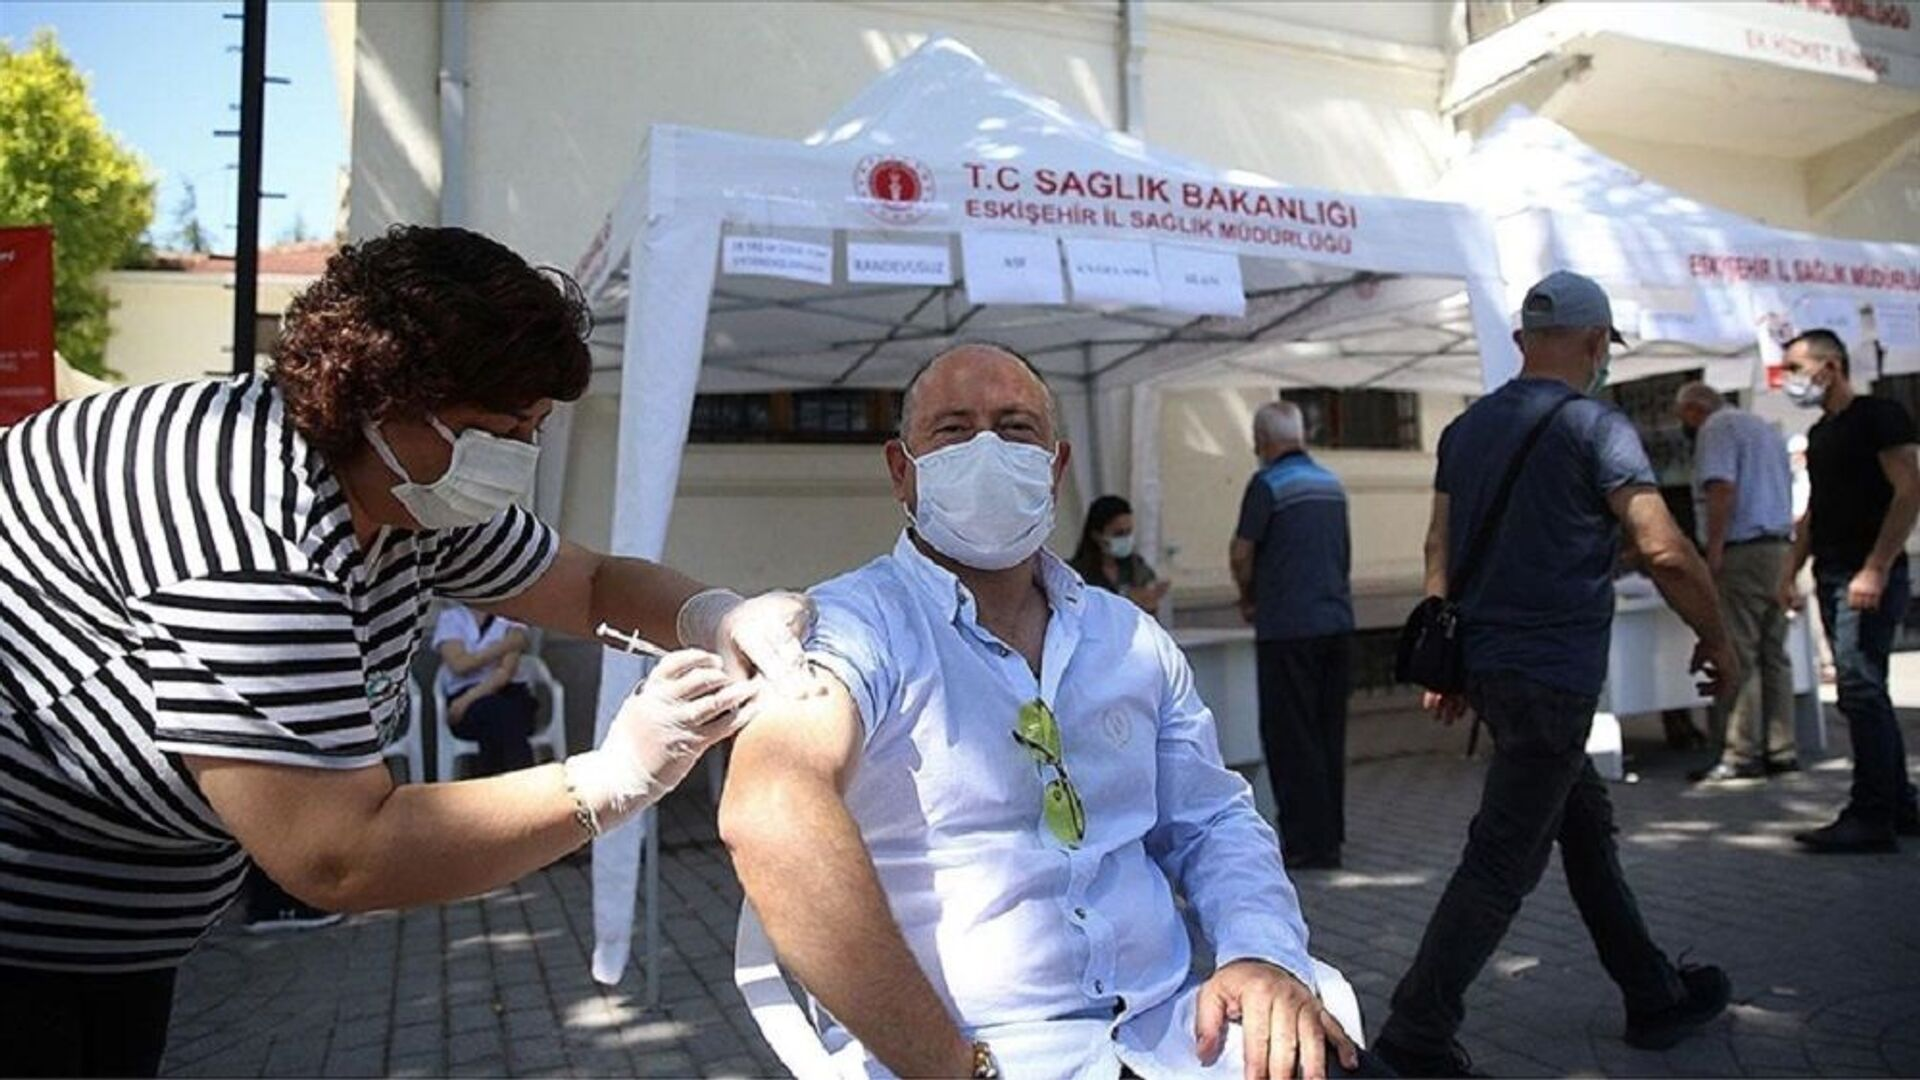 Eskişehir'de randevusuz Kovid-19 aşı uygulaması için noktalar oluşturuldu - Sputnik Türkiye, 1920, 17.09.2021